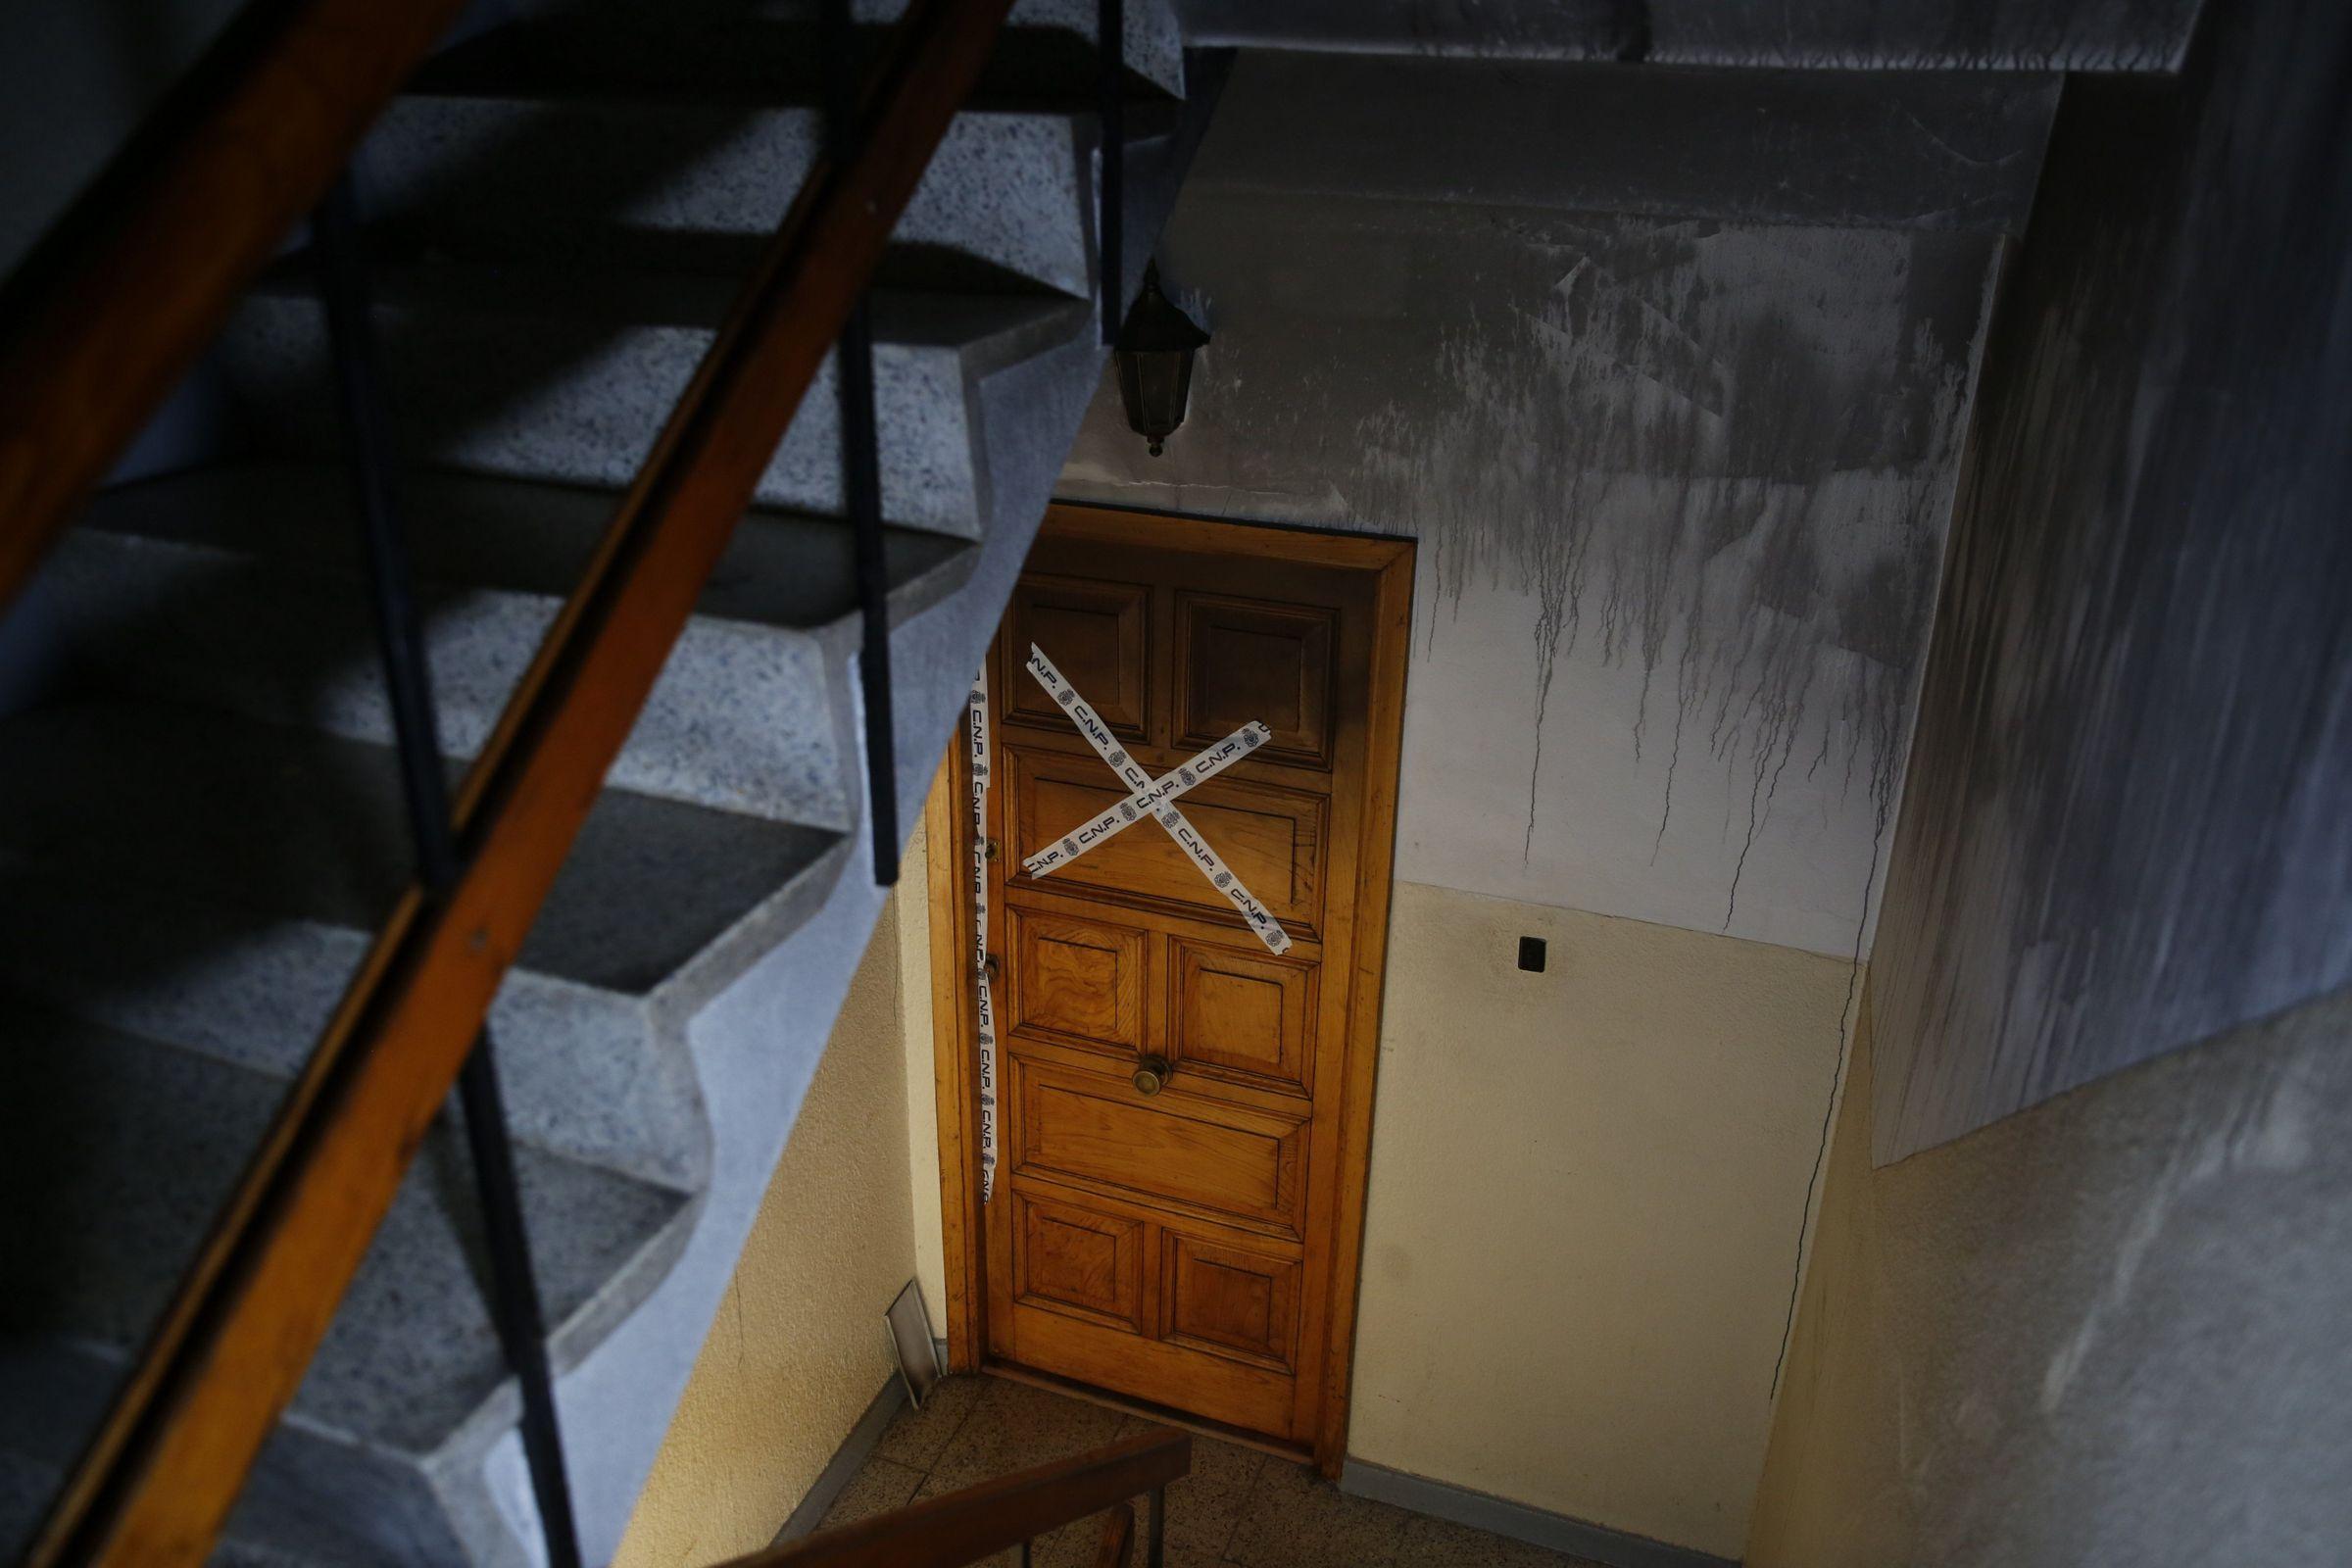 La puerta del inmueble donde vivía el octogenario fallecido, que está precintada